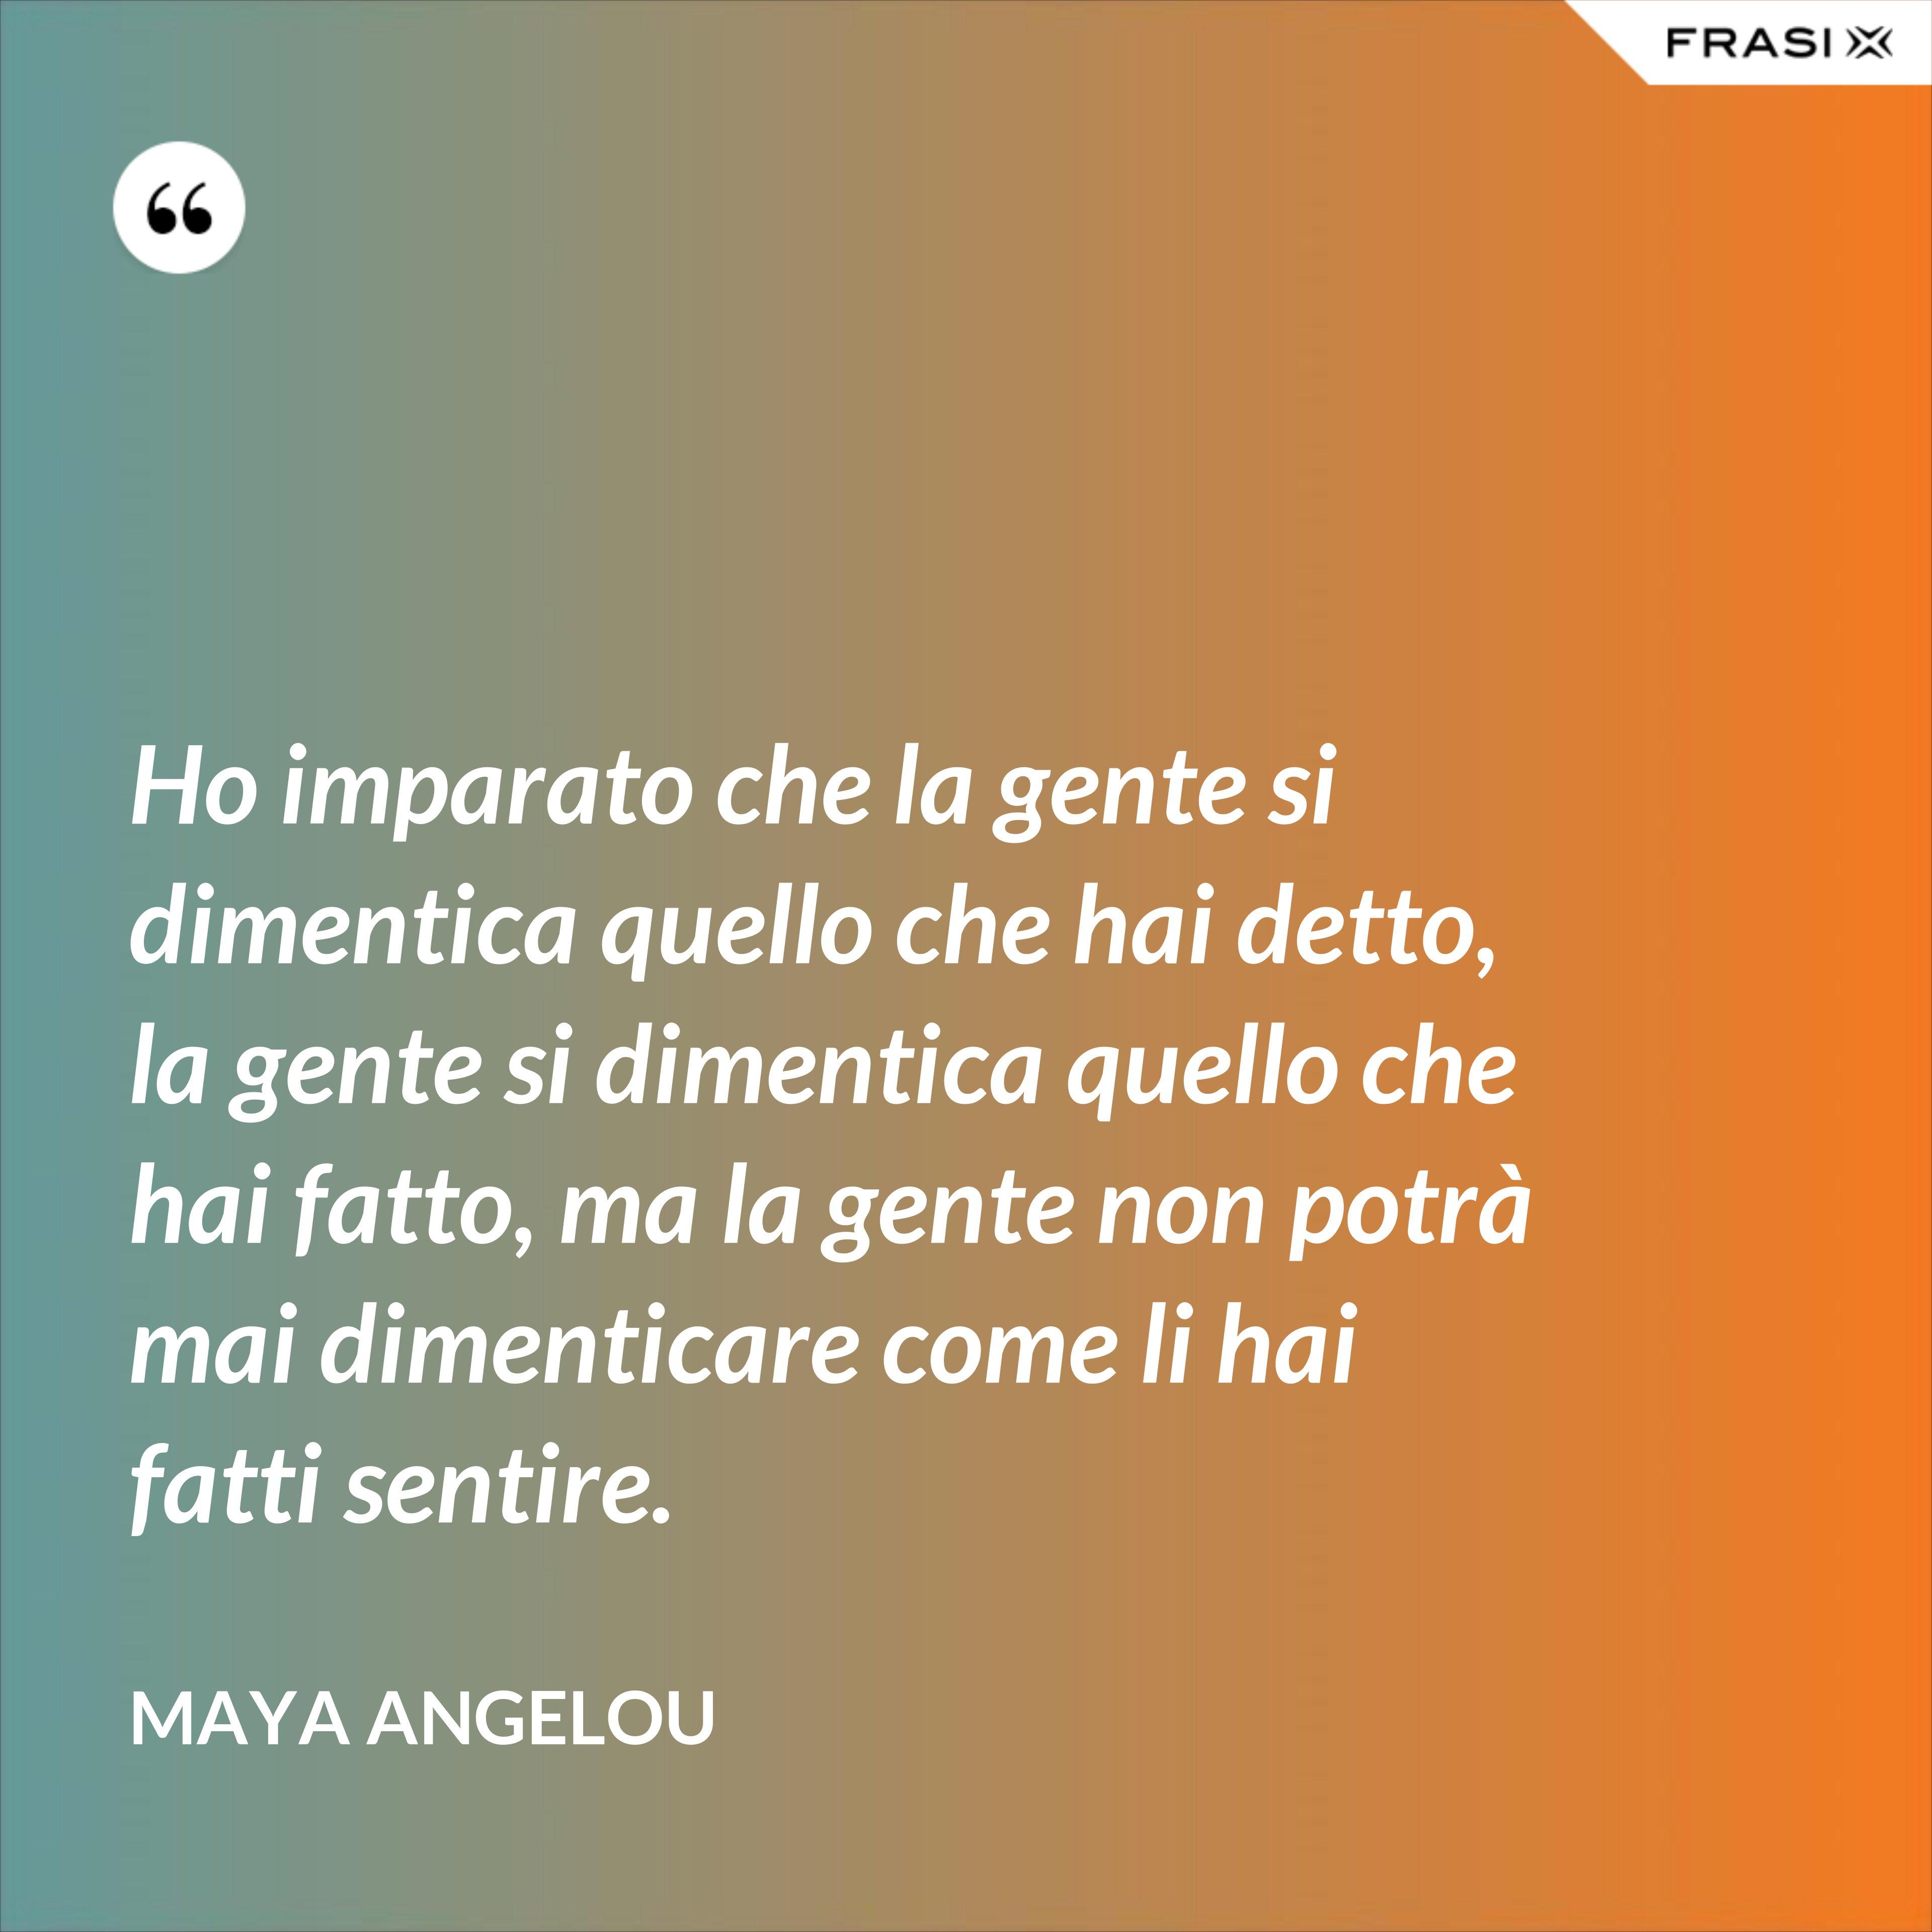 Ho imparato che la gente si dimentica quello che hai detto, la gente si dimentica quello che hai fatto, ma la gente non potrà mai dimenticare come li hai fatti sentire. - Maya Angelou